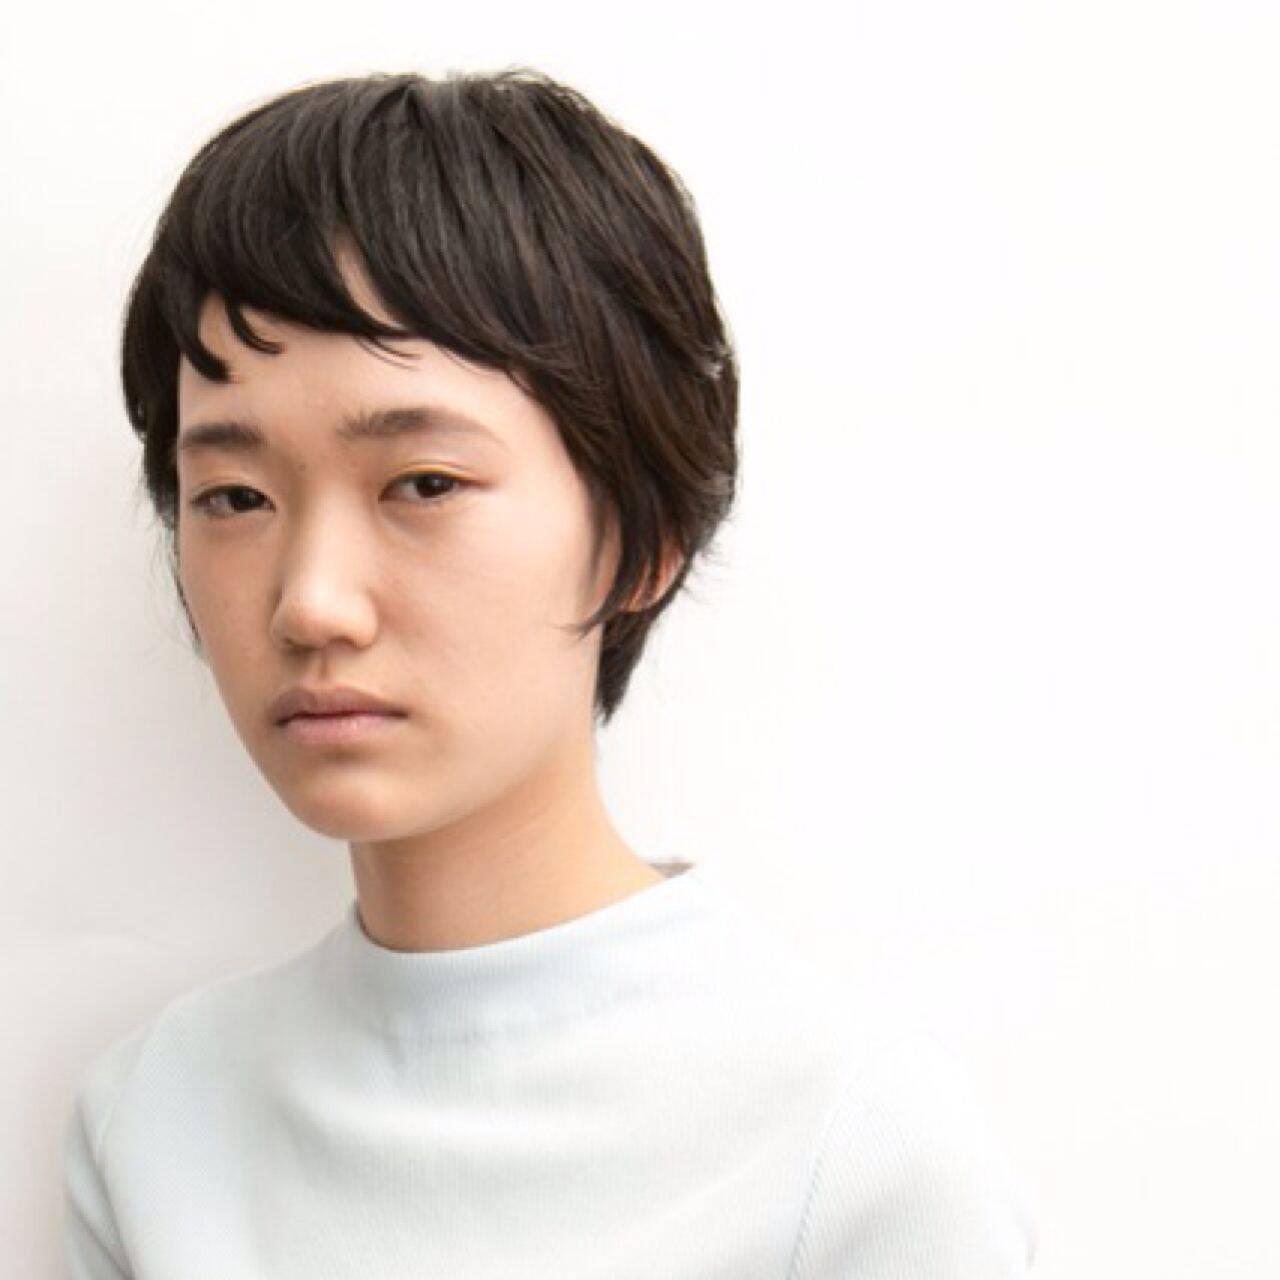 ナチュラル 黒髪 ショート 卵型ヘアスタイルや髪型の写真・画像